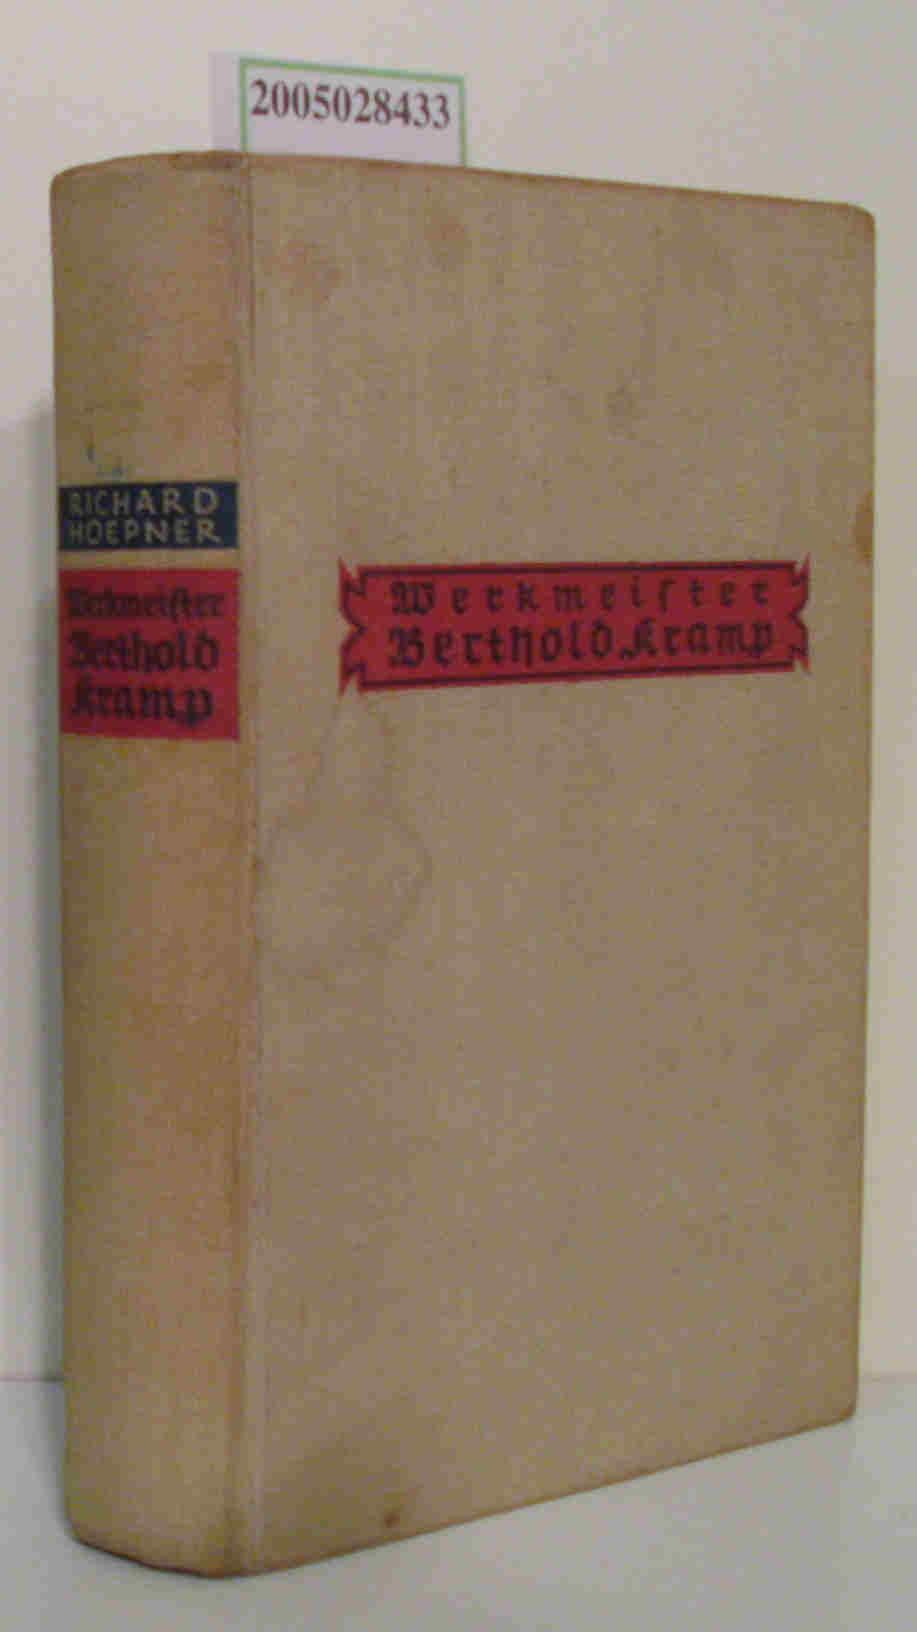 Werkmeister Berthold Kramp Die Geschichte e. Schuld / Richard Hoepner